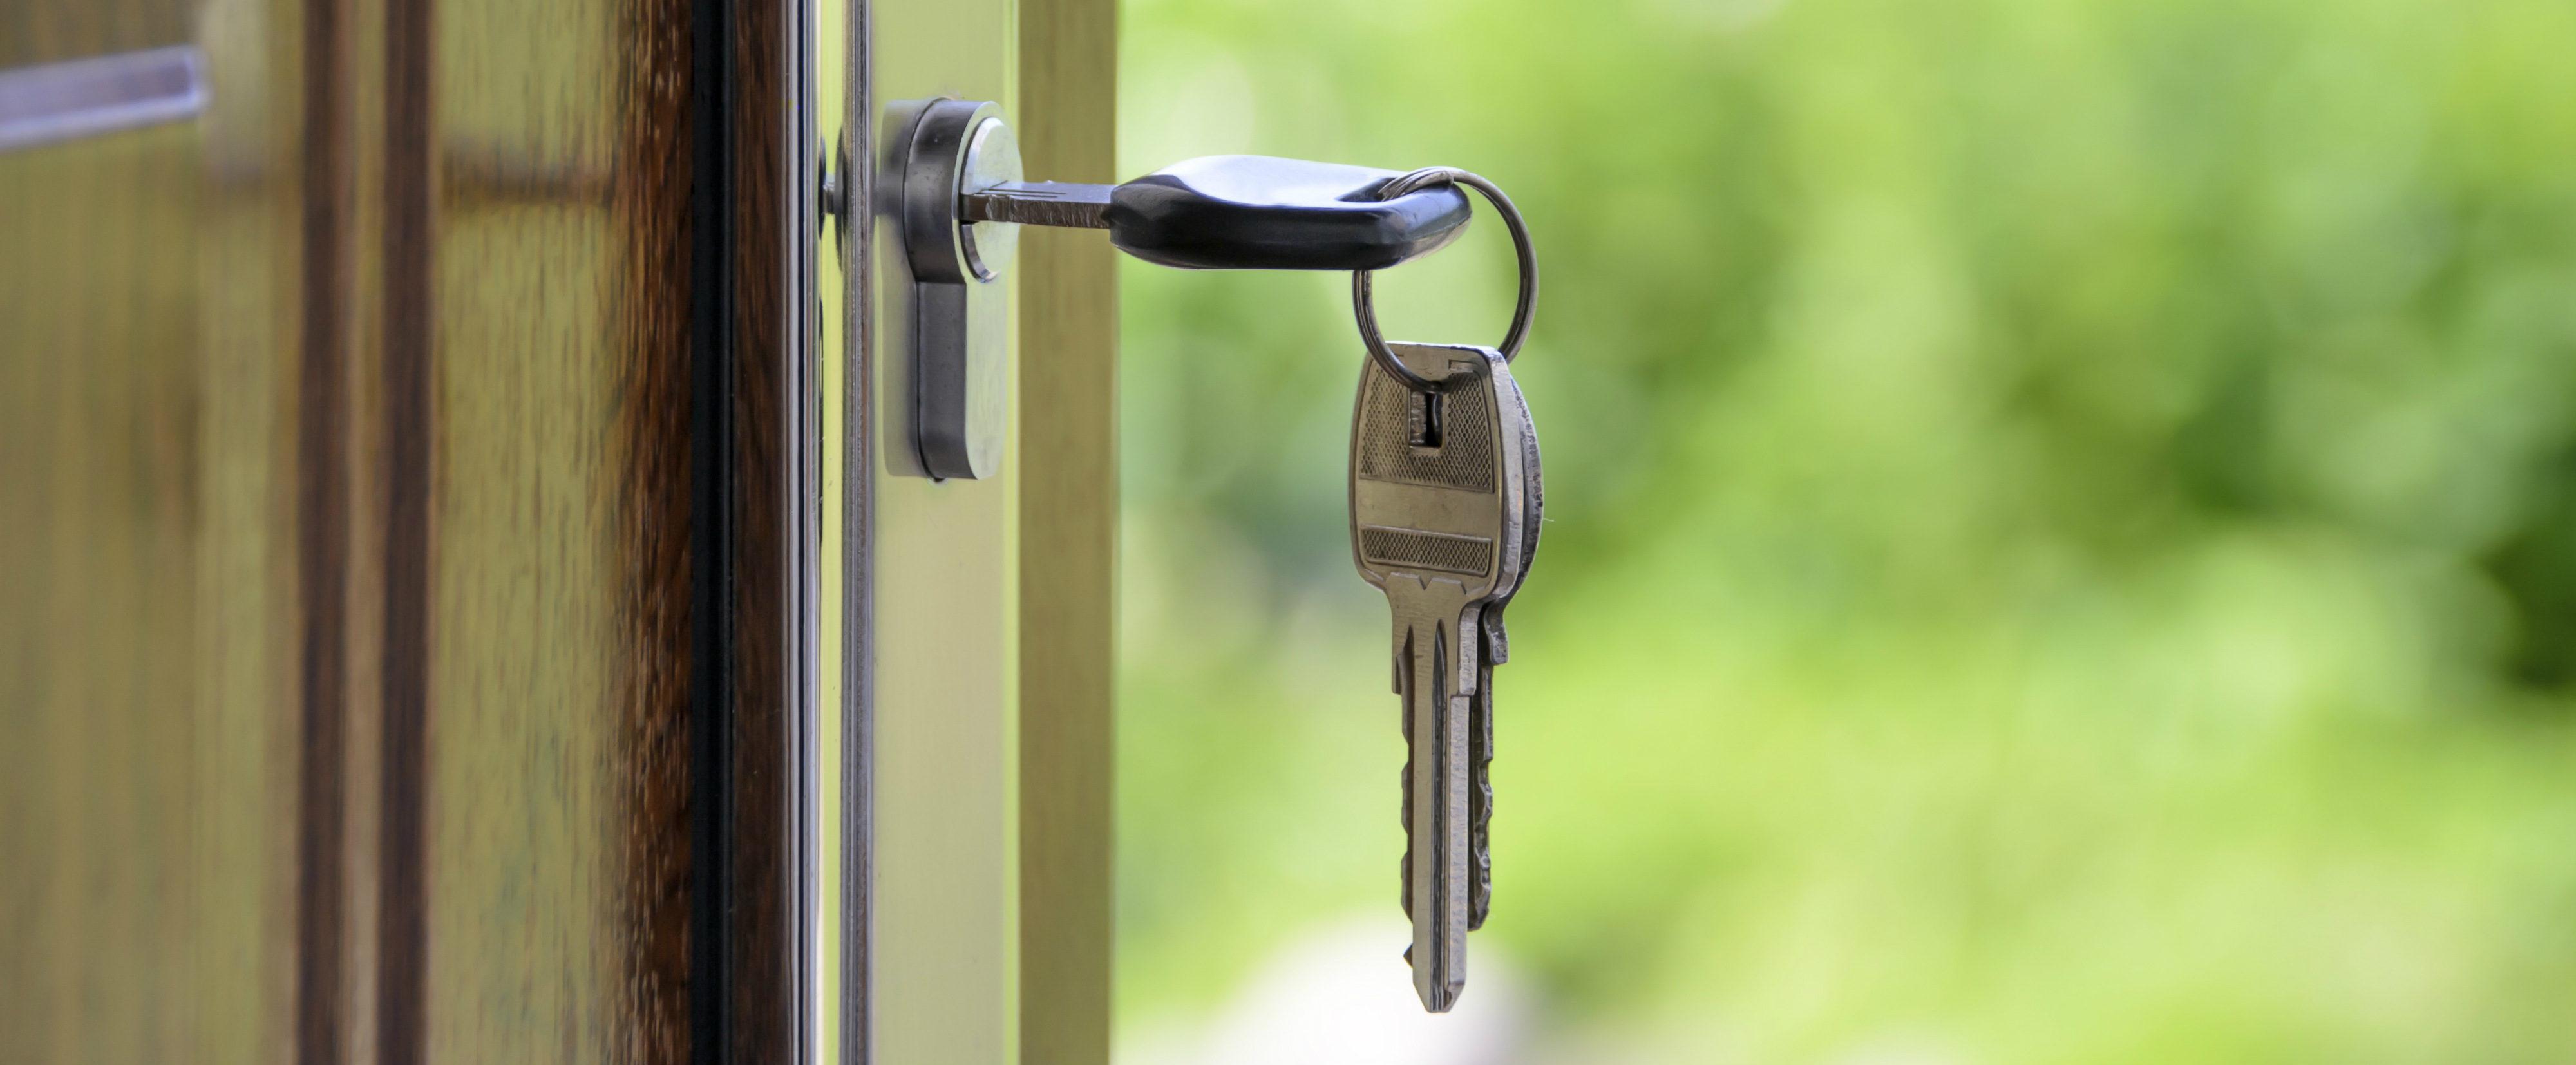 Renting house alquiler llaves casa hipoteca vivienda recurso